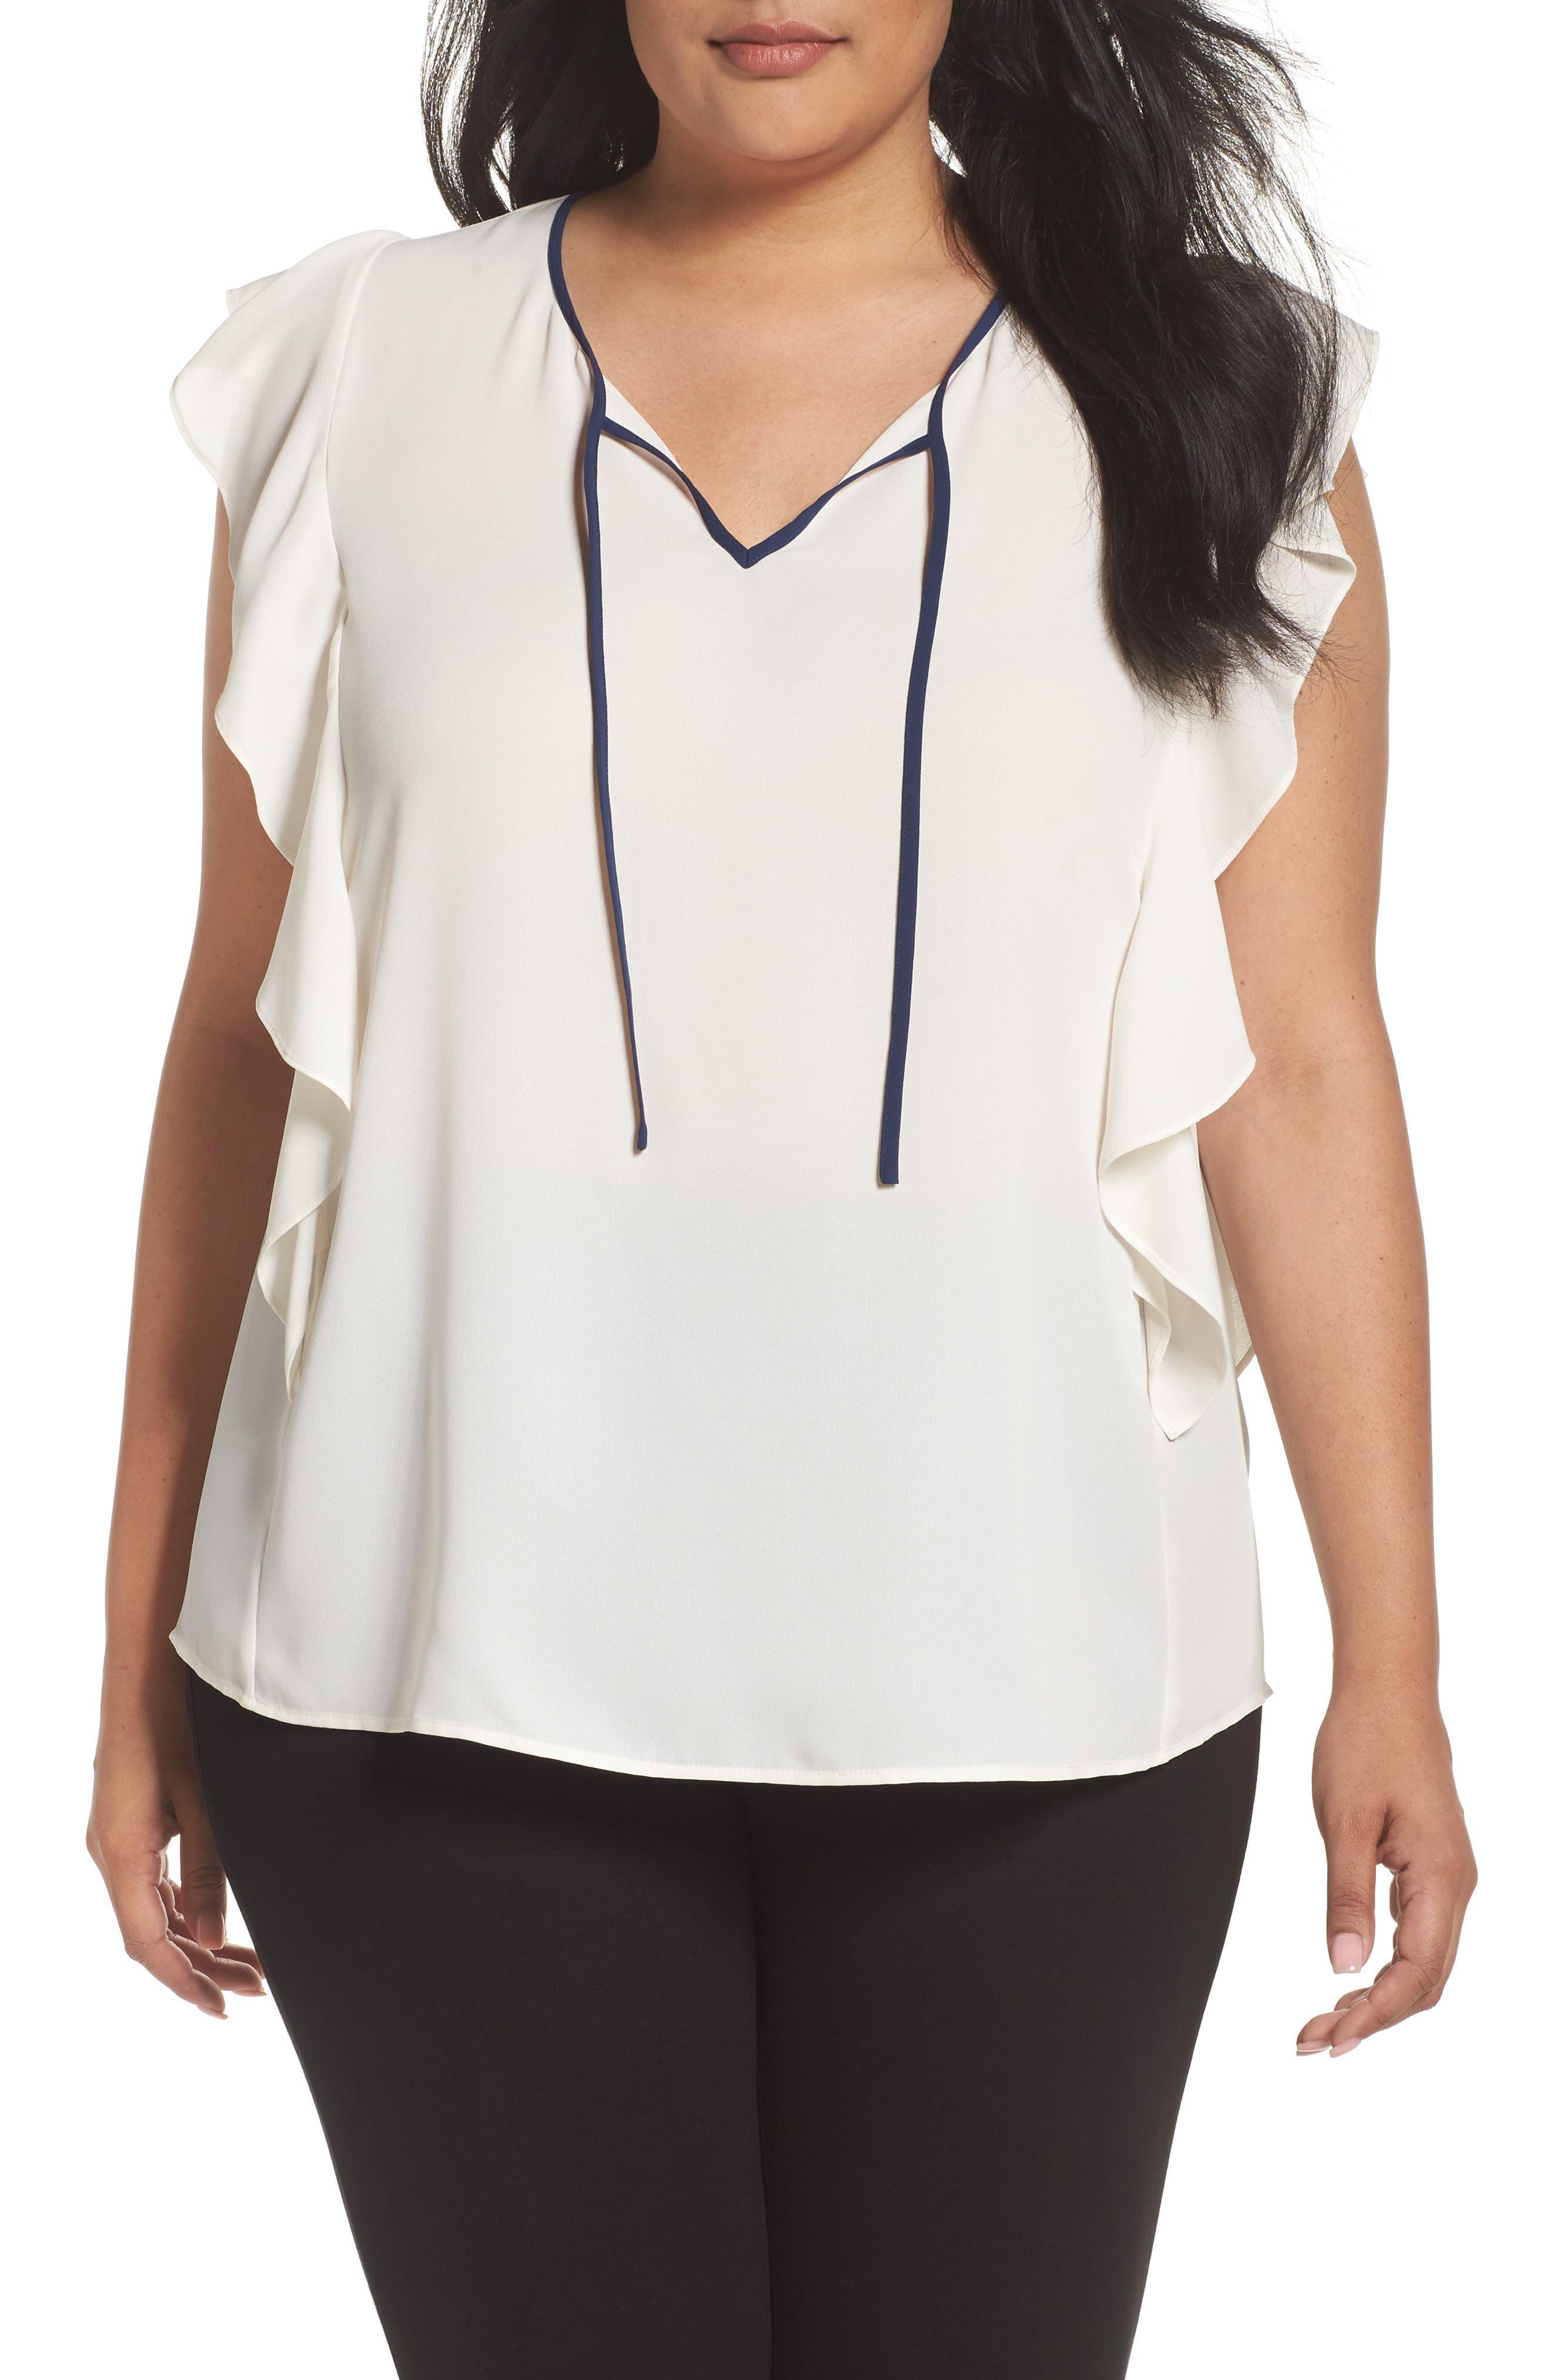 Main Image - Sejour Flutter Sleeve Tie Neck Top (Plus Size)